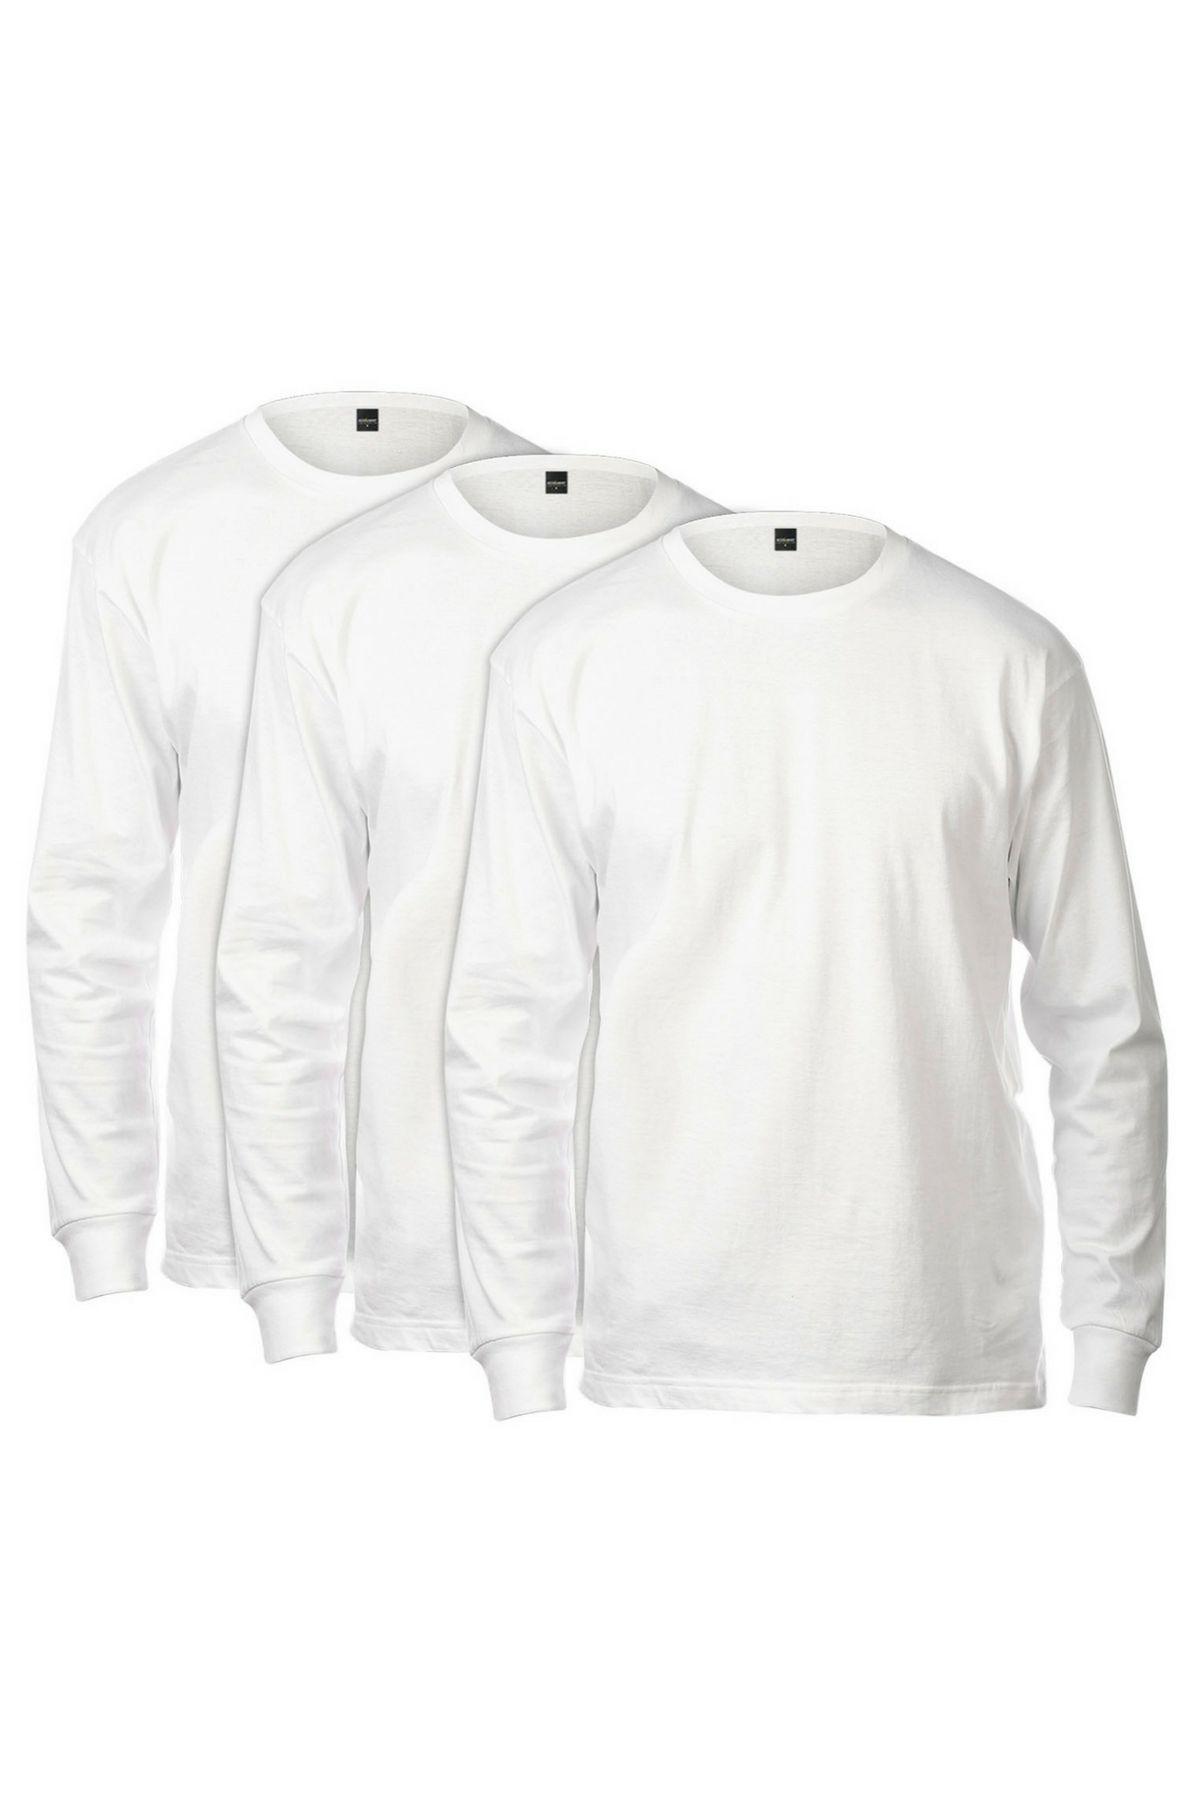 Basic Long Sleeve Tee 3 Pack (White)